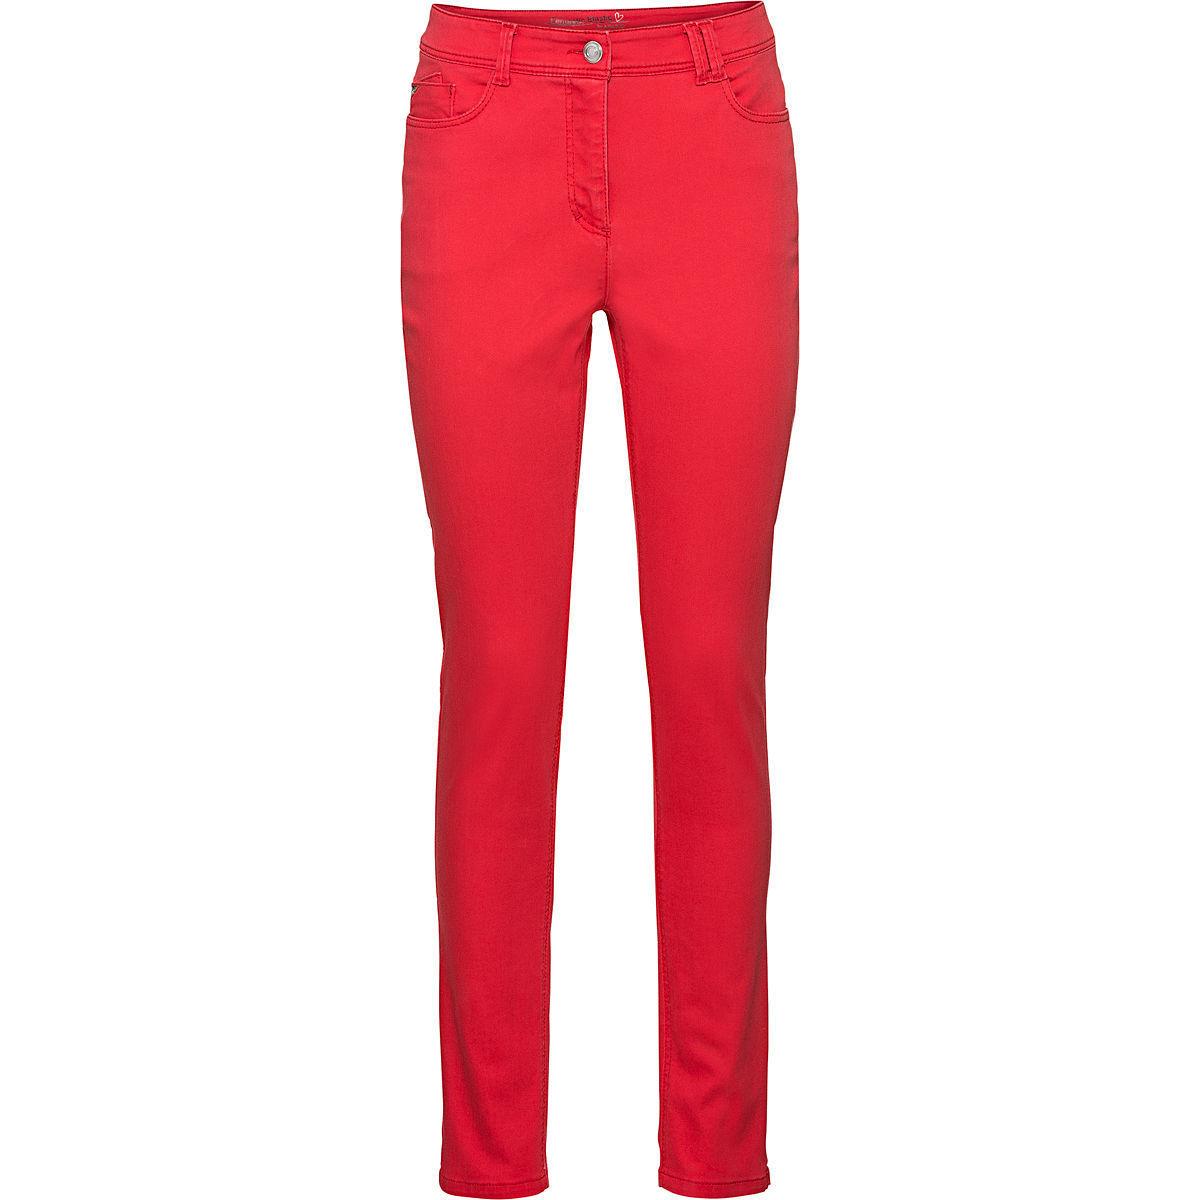 Bild 1 von Adagio Damen 5-Pocket-Jeans